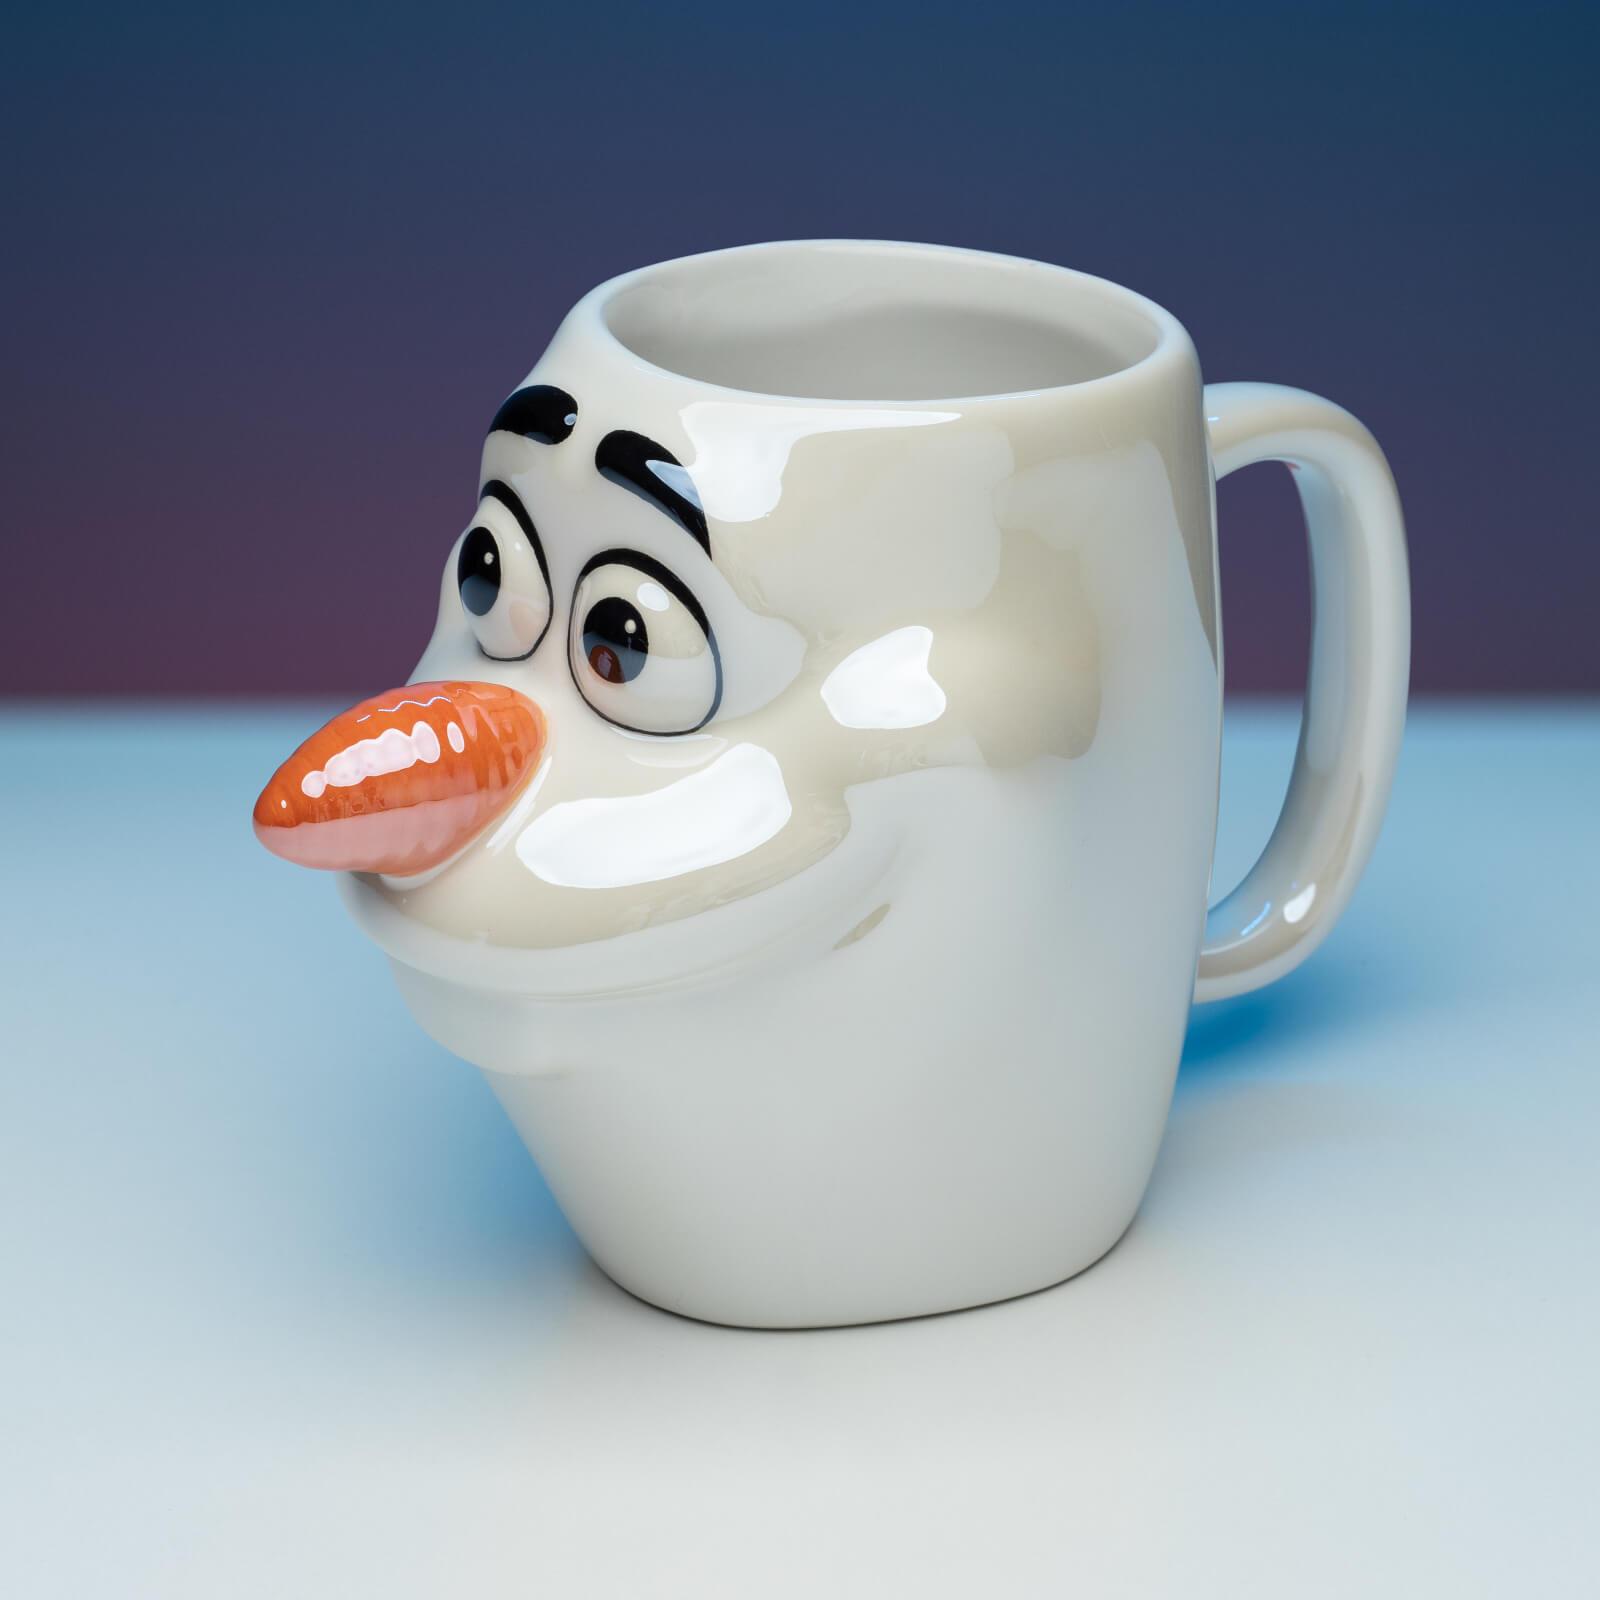 Image of Disney Frozen Olaf Shaped Mug